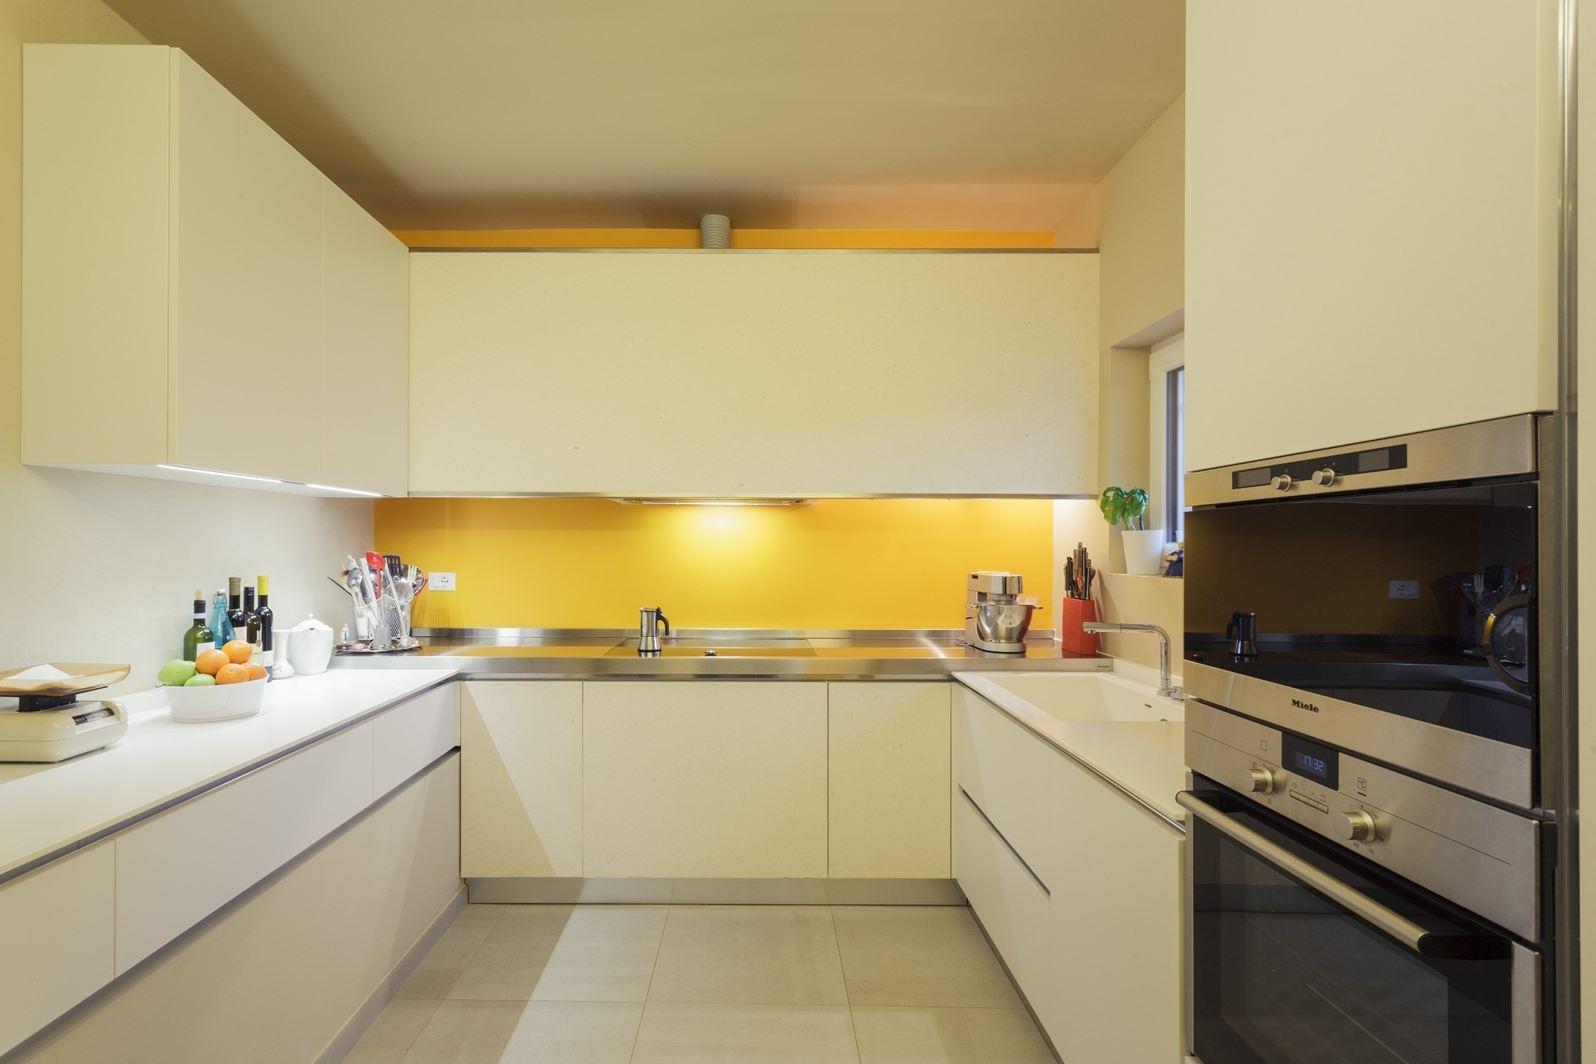 Cucina - Colore spatolato casa ...